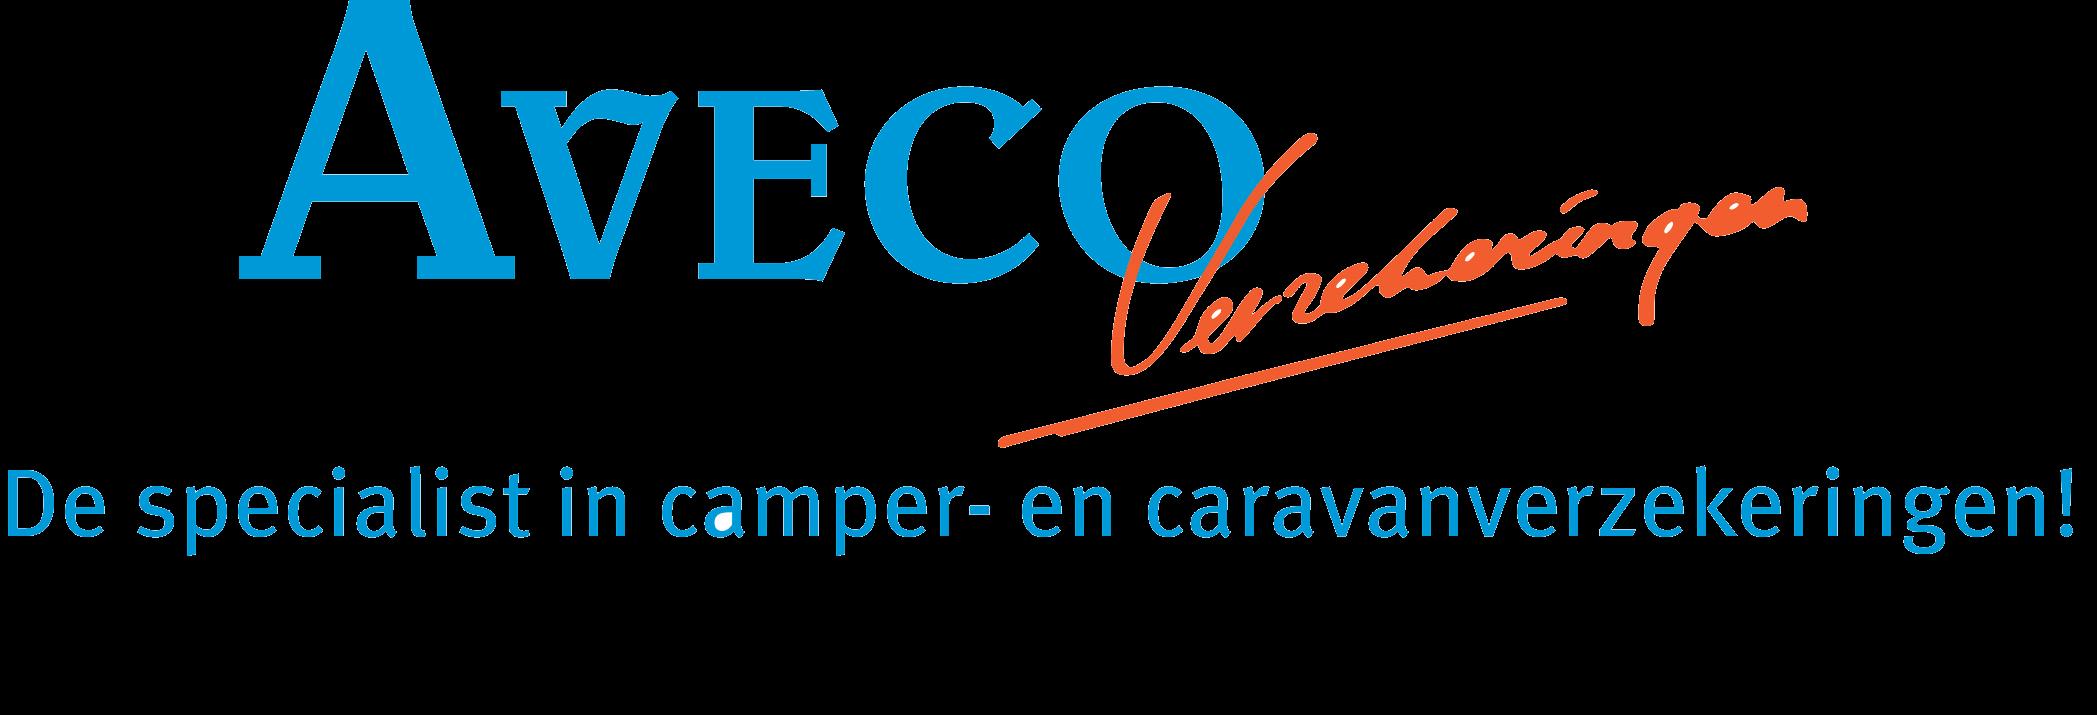 logo aveco, aveco, aveco verzekering, aveco camper verzekering, camper verzekeren, camperverzekering